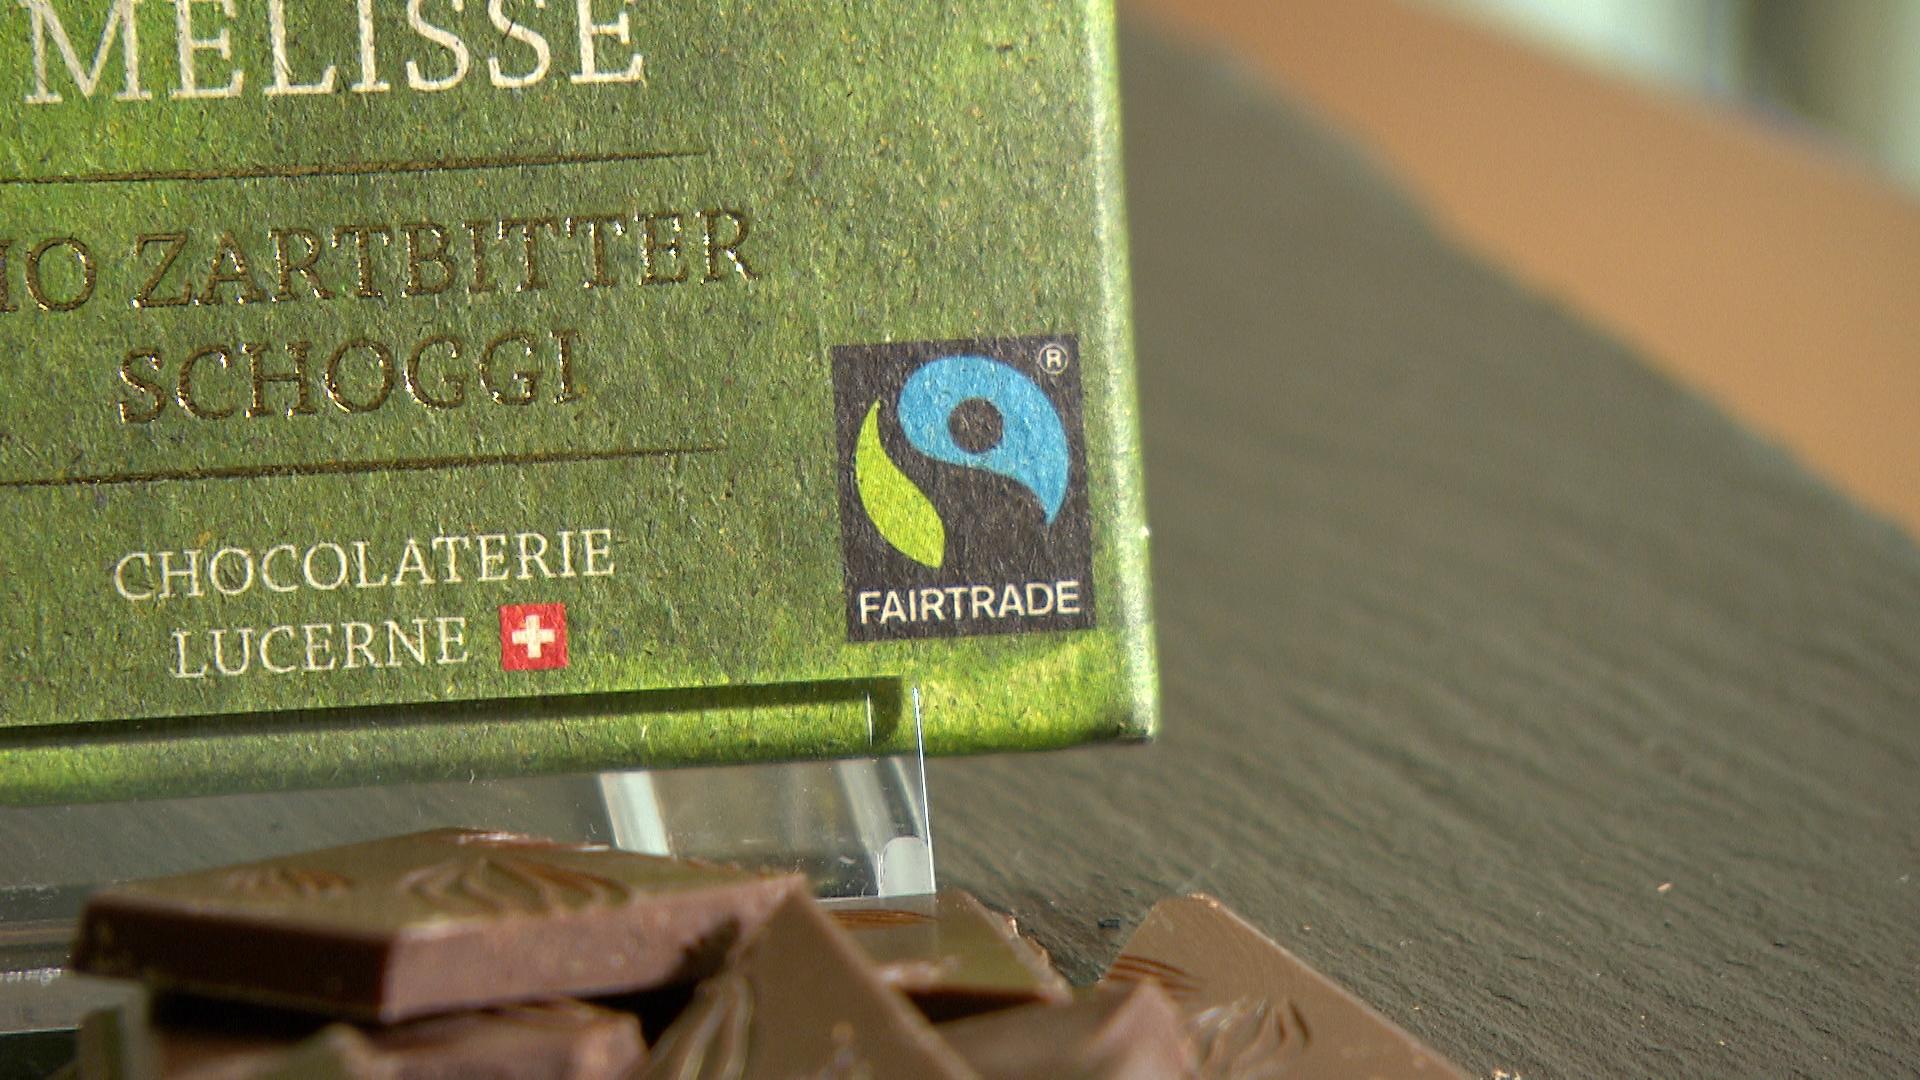 Wichtig für viele Konsumenten: Der Faire Handel mit Schokolade (Foto: hellofootage)